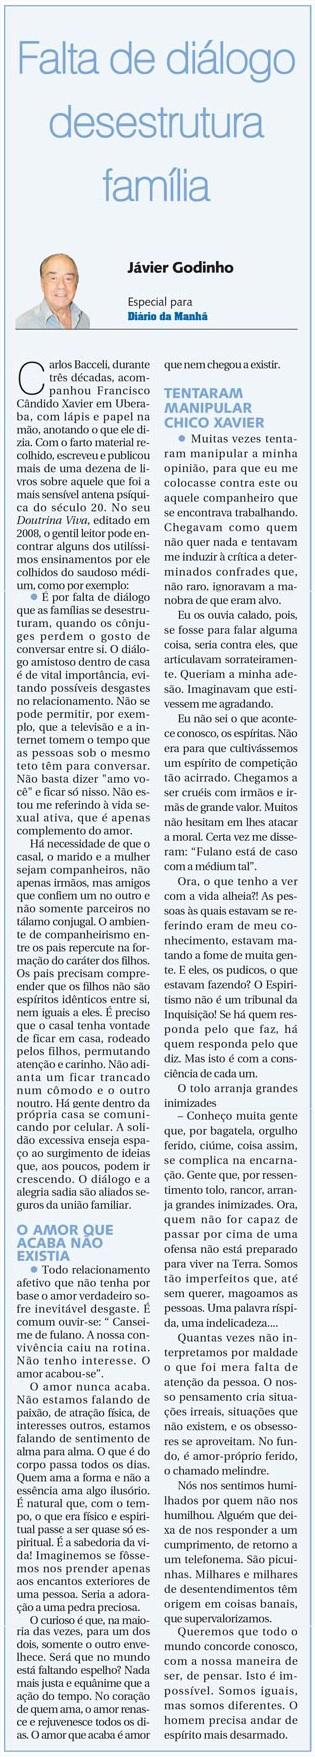 DM 28-05-2014 - Falta de diálogo desestrutura família - Jávier Godinho